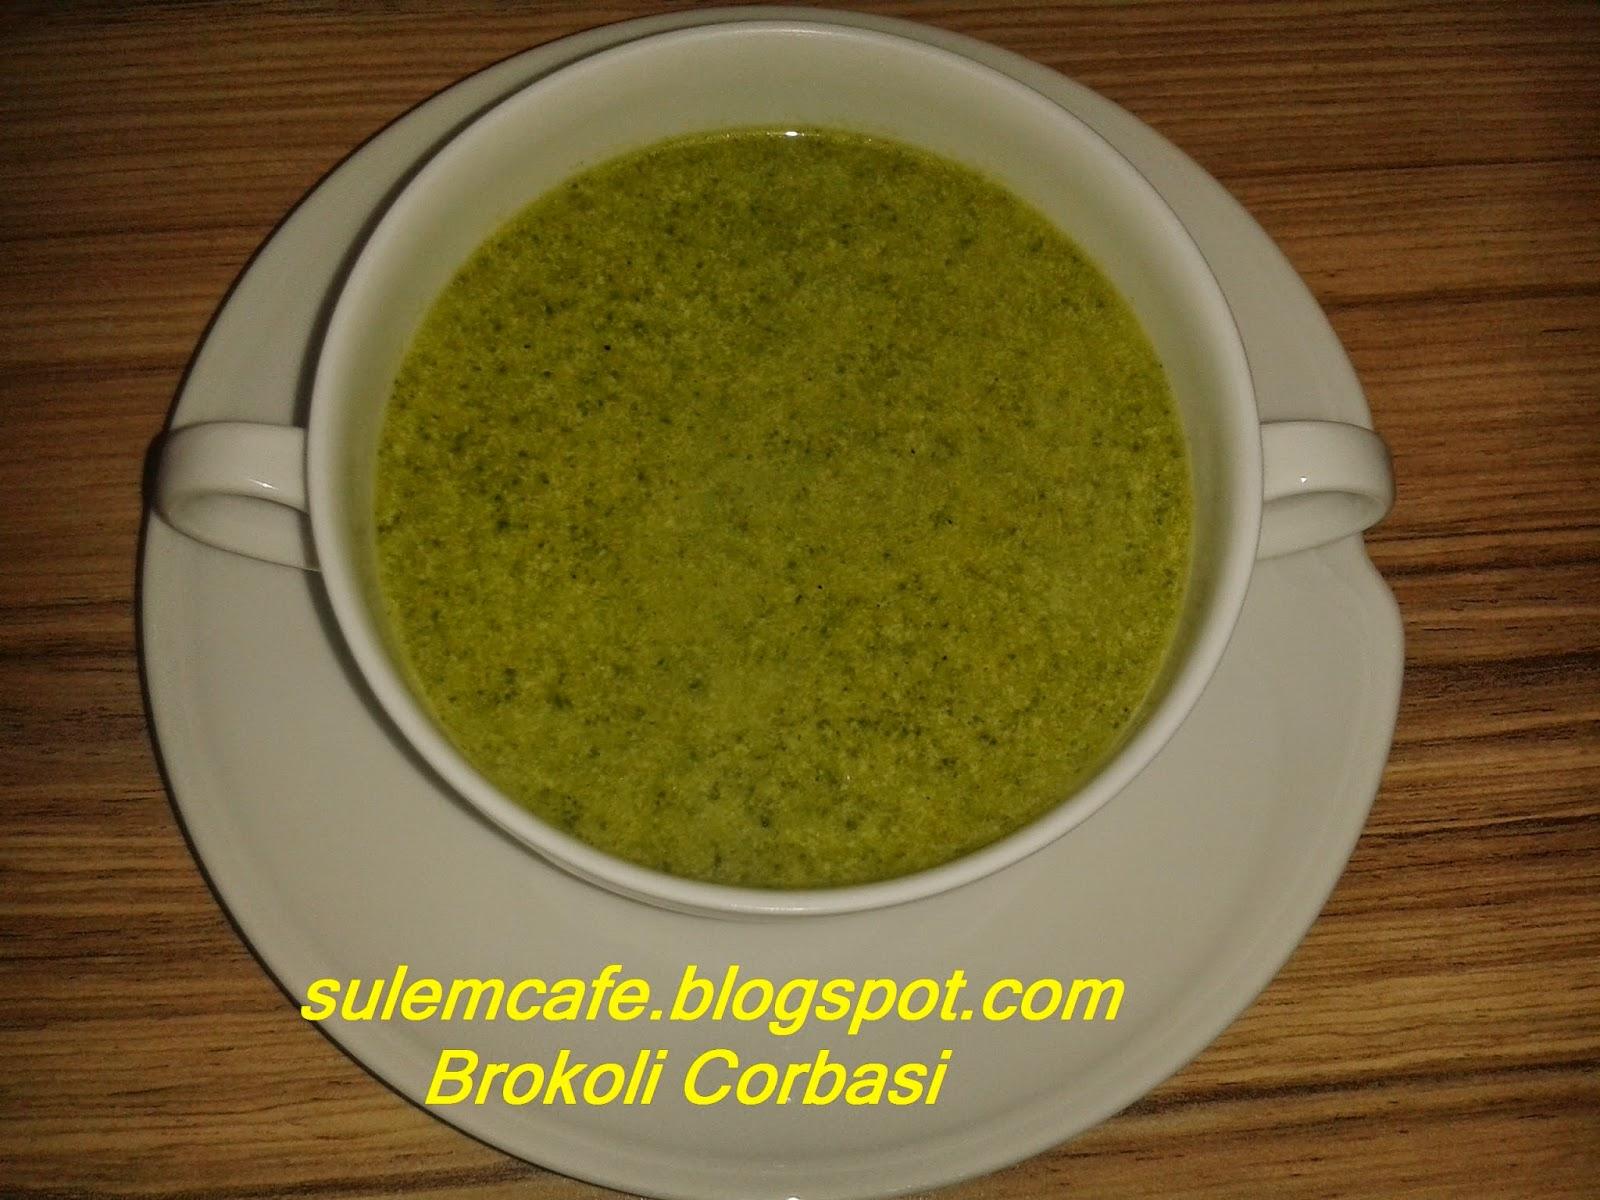 sütlü körili brokoli diyet corbasi